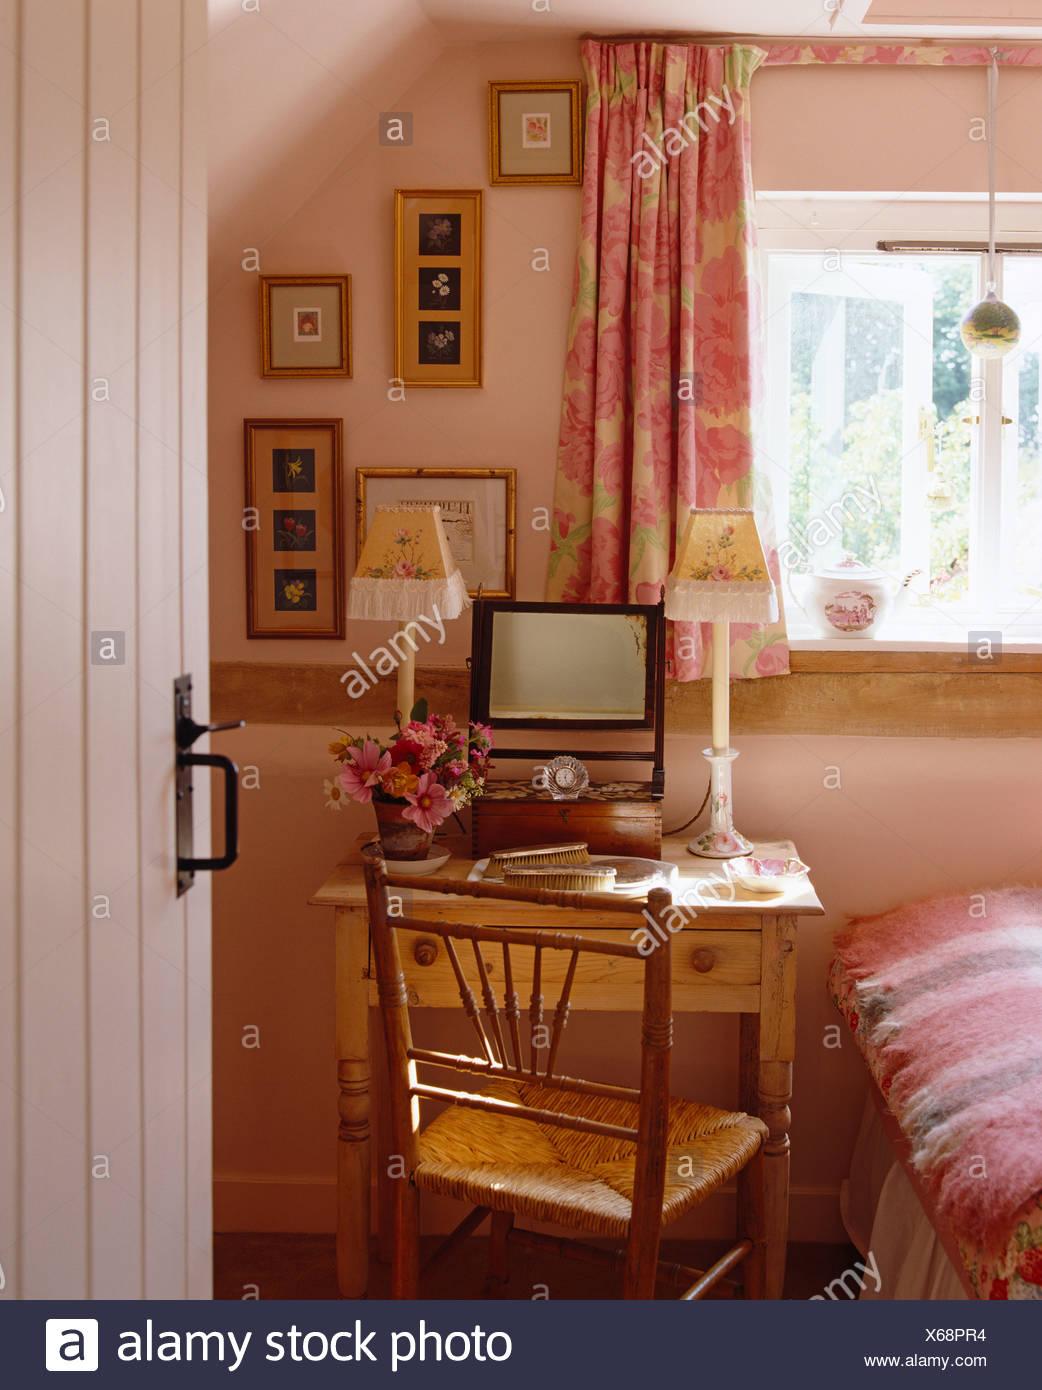 Good Schlafzimmer Tur Offnen #10: Tür Zu öffnen, Zu Rosa Hütte Schlafzimmer Mit Rosa Vorhänge Am Fenster über  Kleine Kiefer Schminktisch Mit Spiegel Und Antiken Stuhl